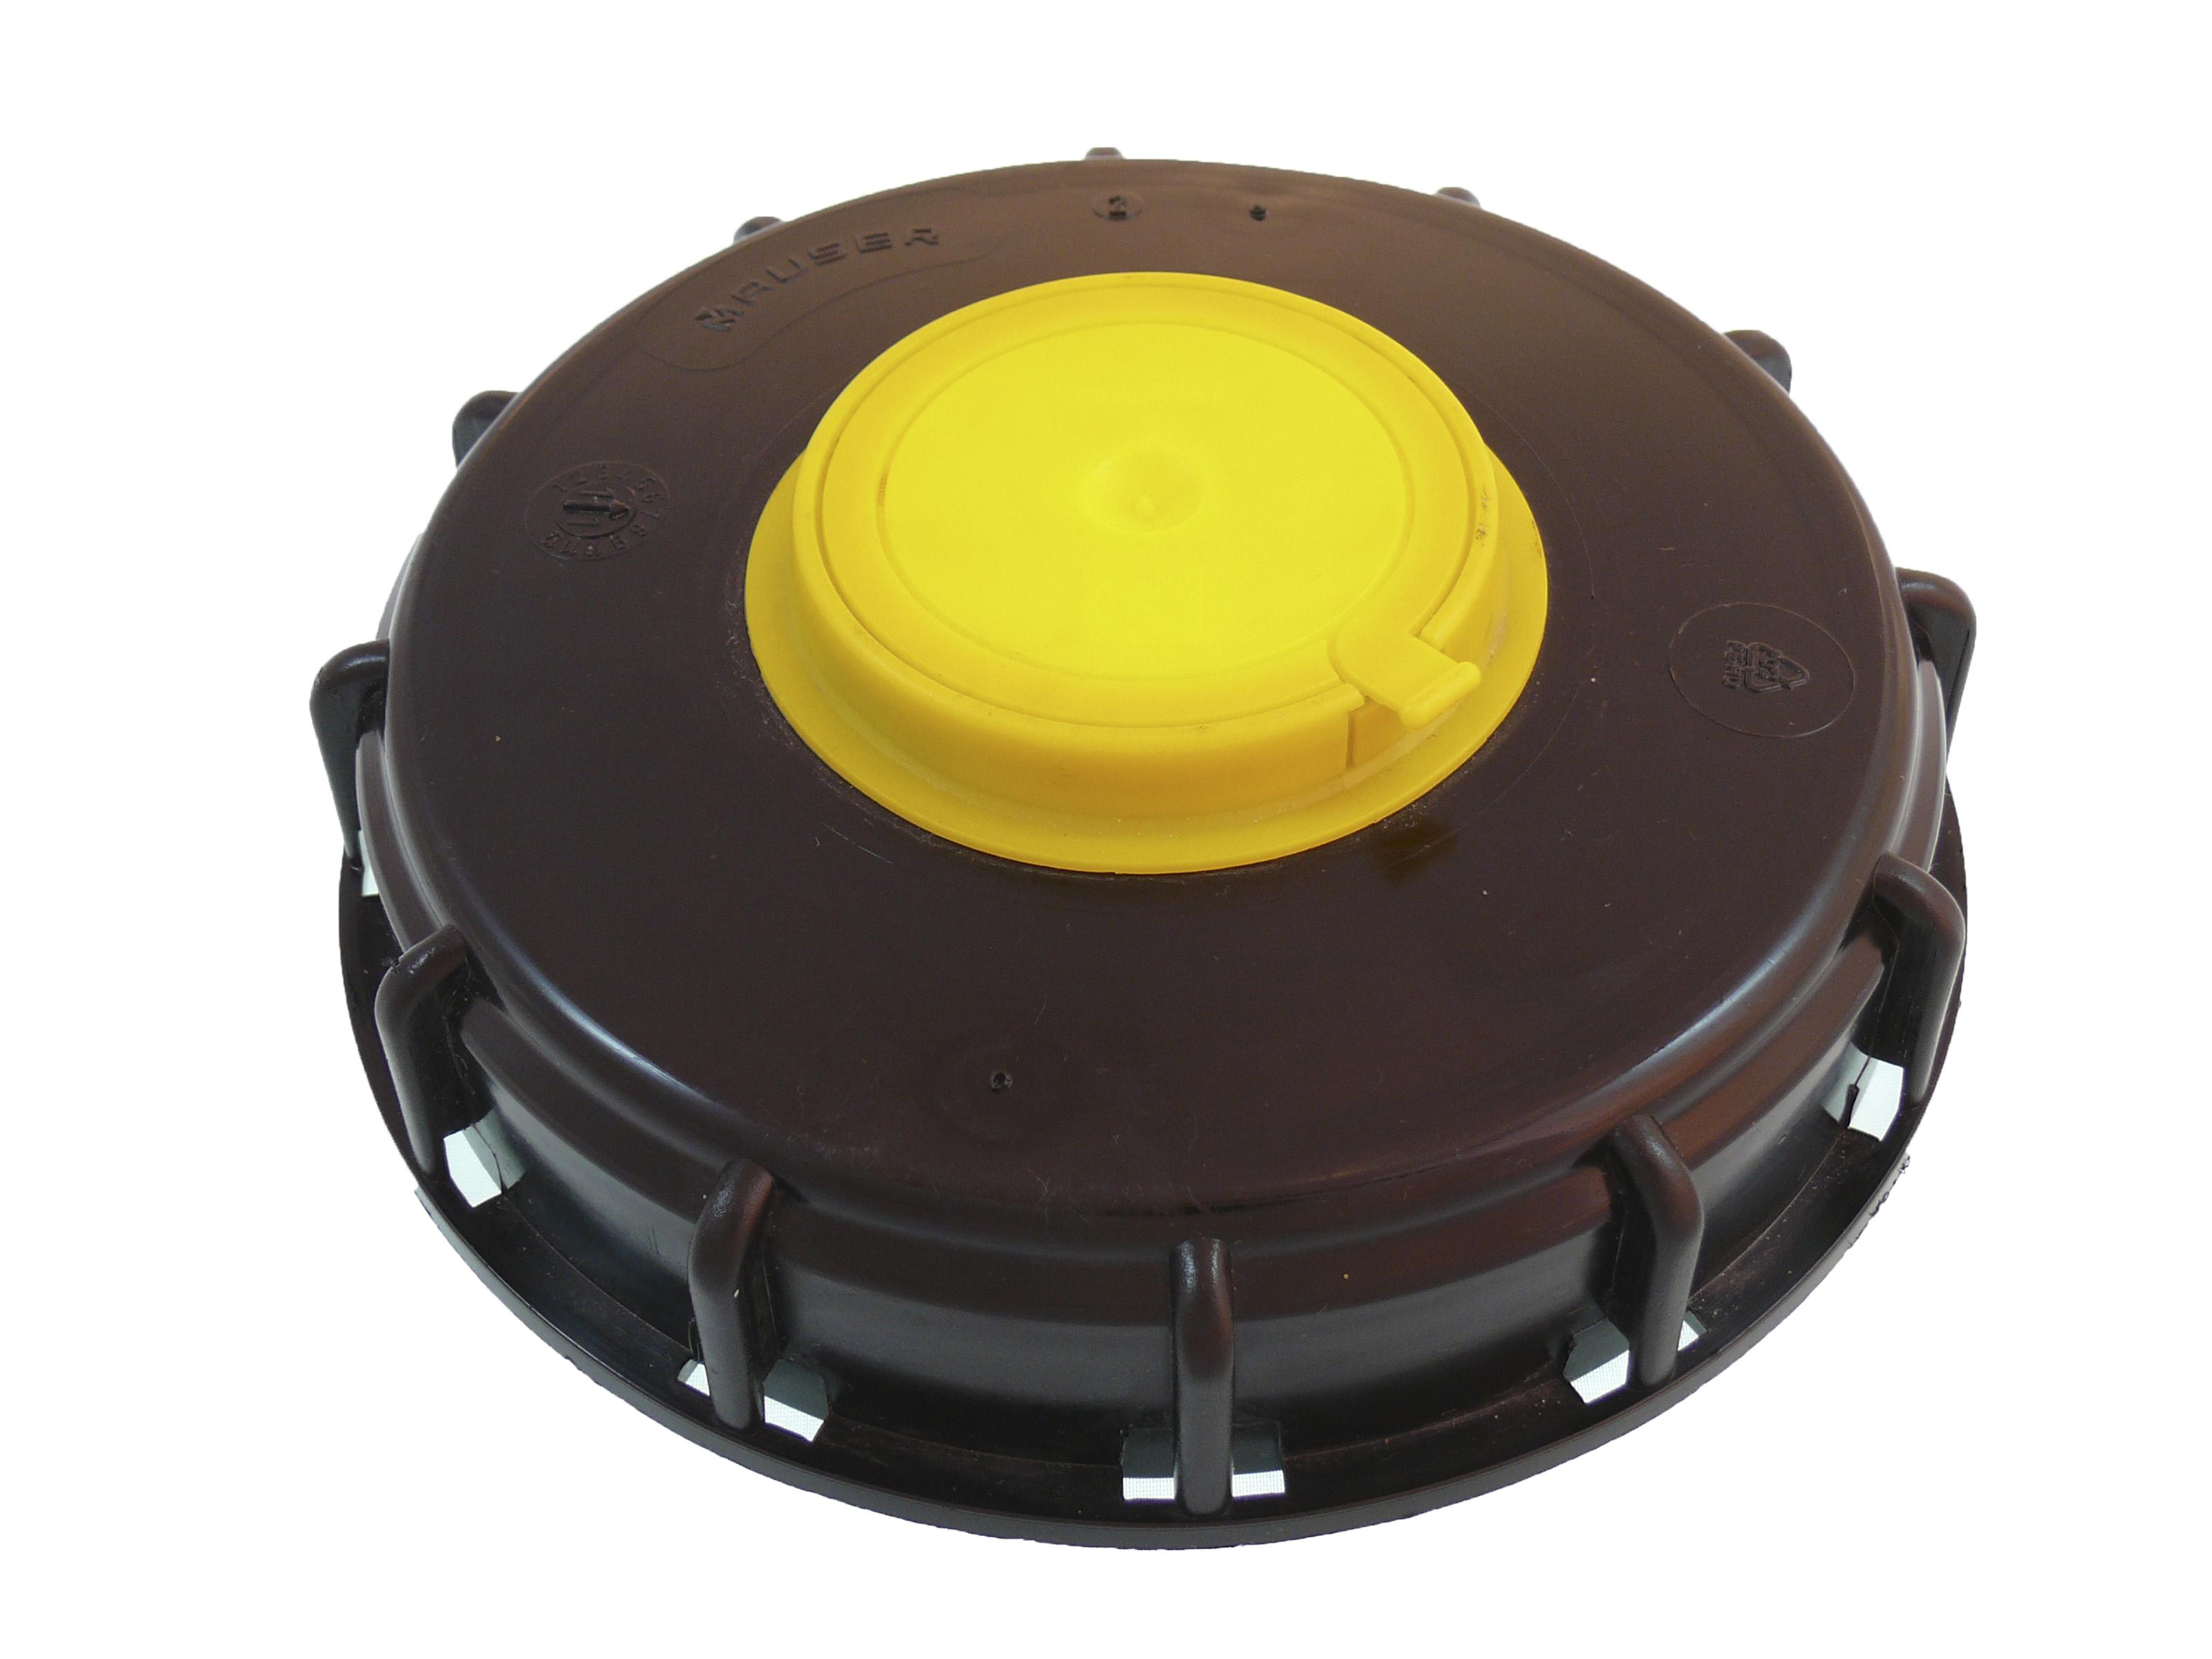 elektrikvision vertrieb ibc wassertank zubeh r verschlussdeckel mit bel ftung 160mm. Black Bedroom Furniture Sets. Home Design Ideas